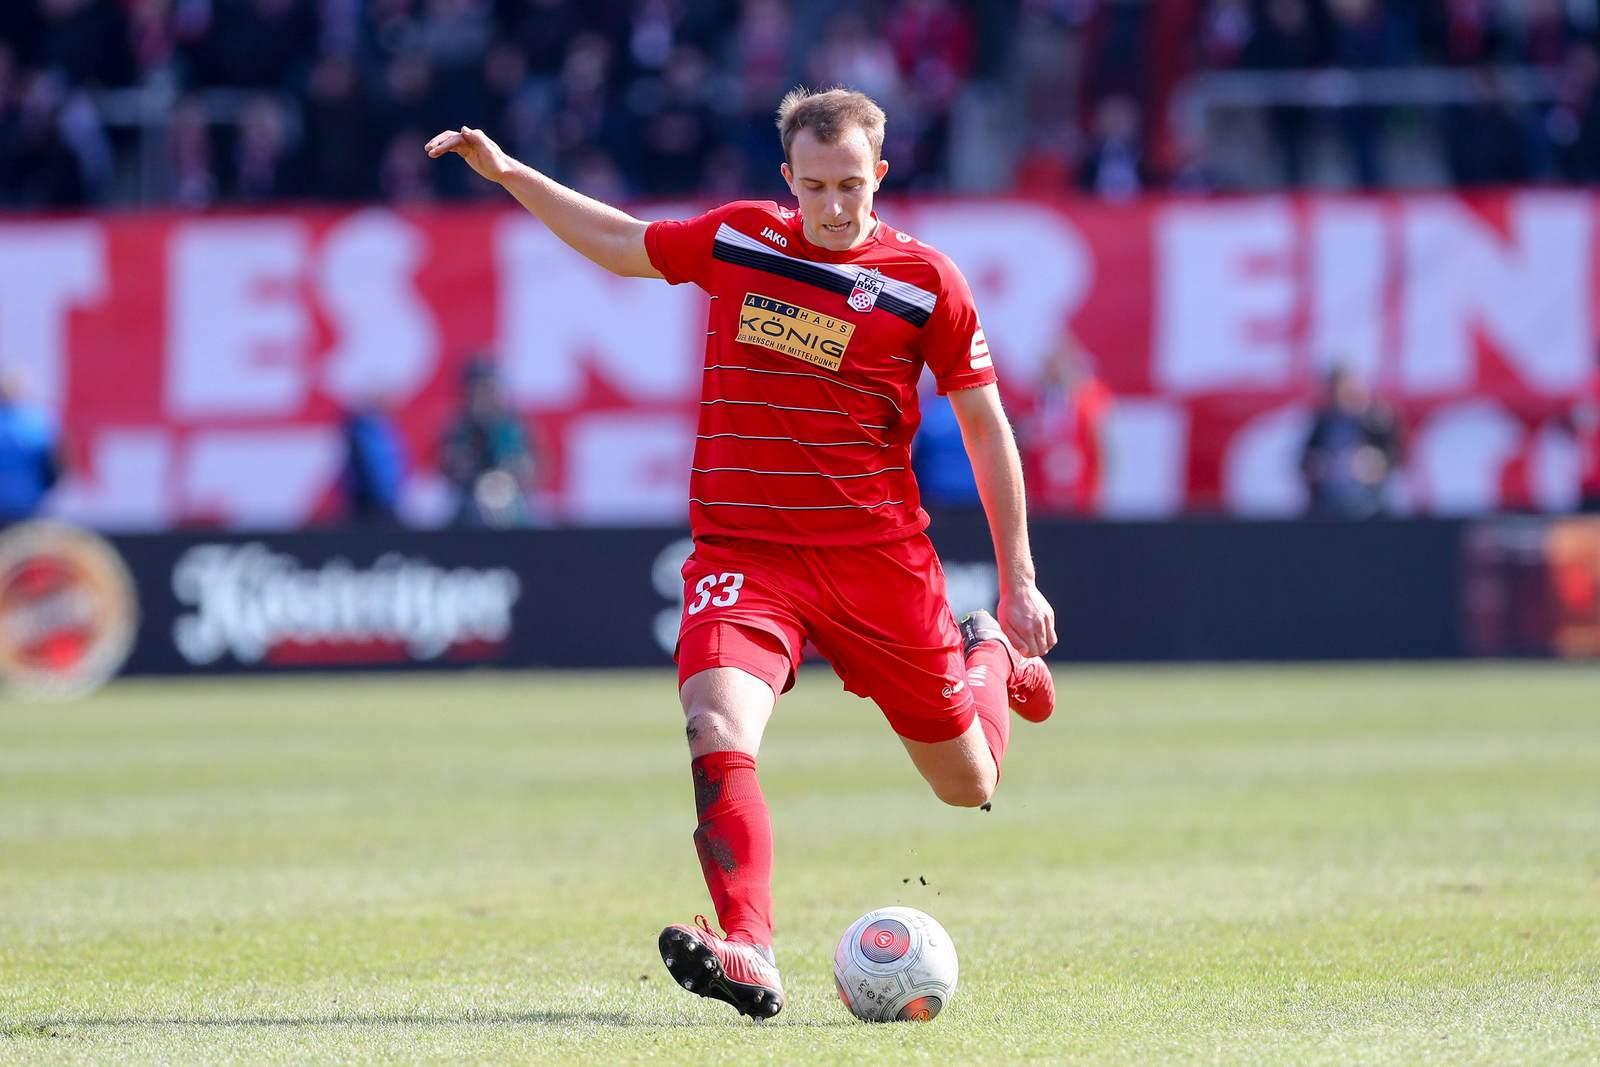 Tobias Kraulich von Rot-Weiß Erfurt bei Spiel in der 3. Liga